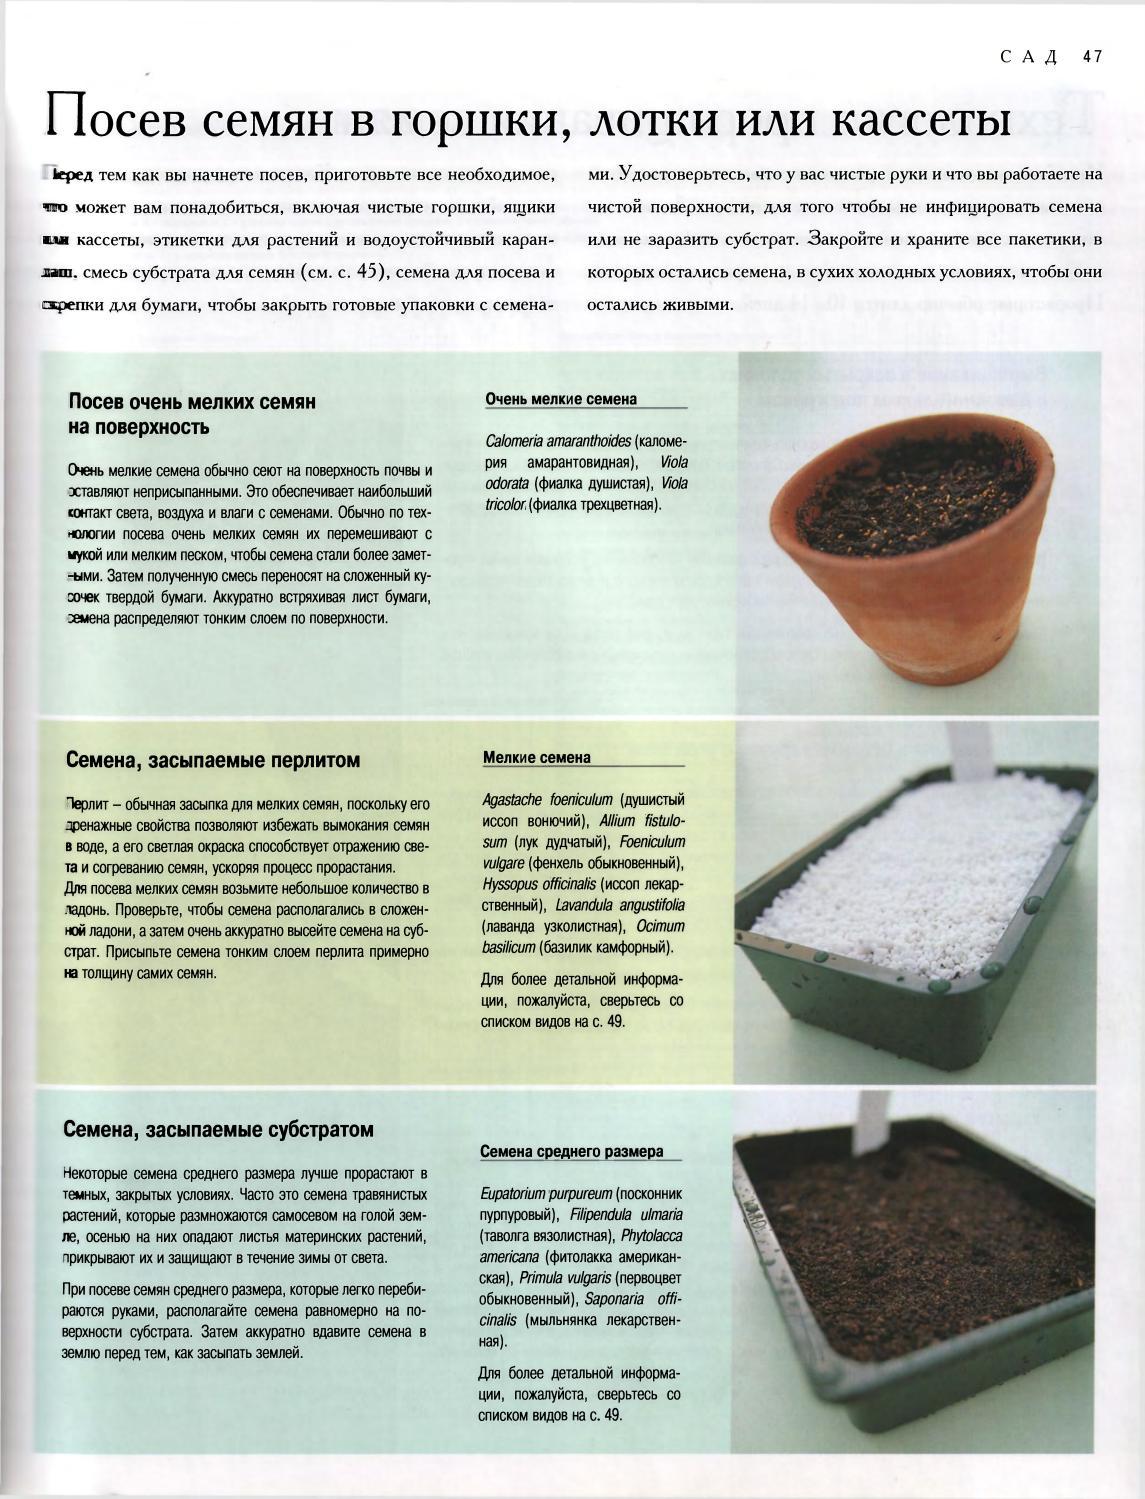 Что такое стратификация семян: виды и способы проведения